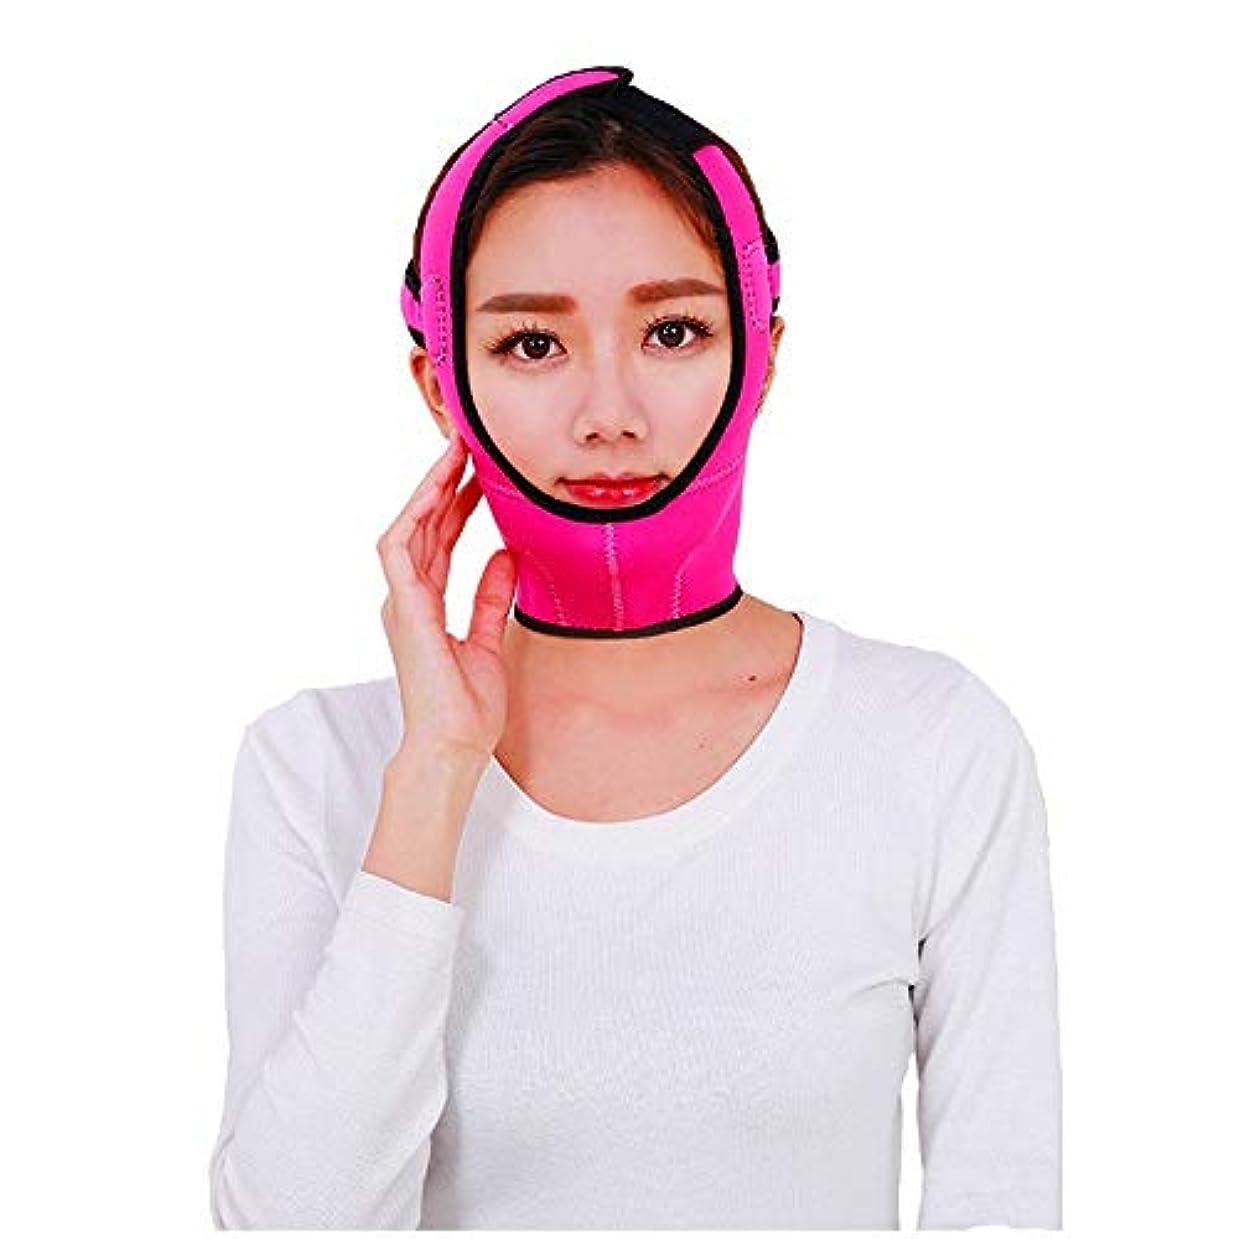 生き返らせる病なインスタントフェイスリフティングベルト、フェイスリフティング包帯フェイシャルフェイスシェイパーフェイスブレースV字型包帯で二重あごのしわ防止アンチエイジングを軽減 (Color : Pink)